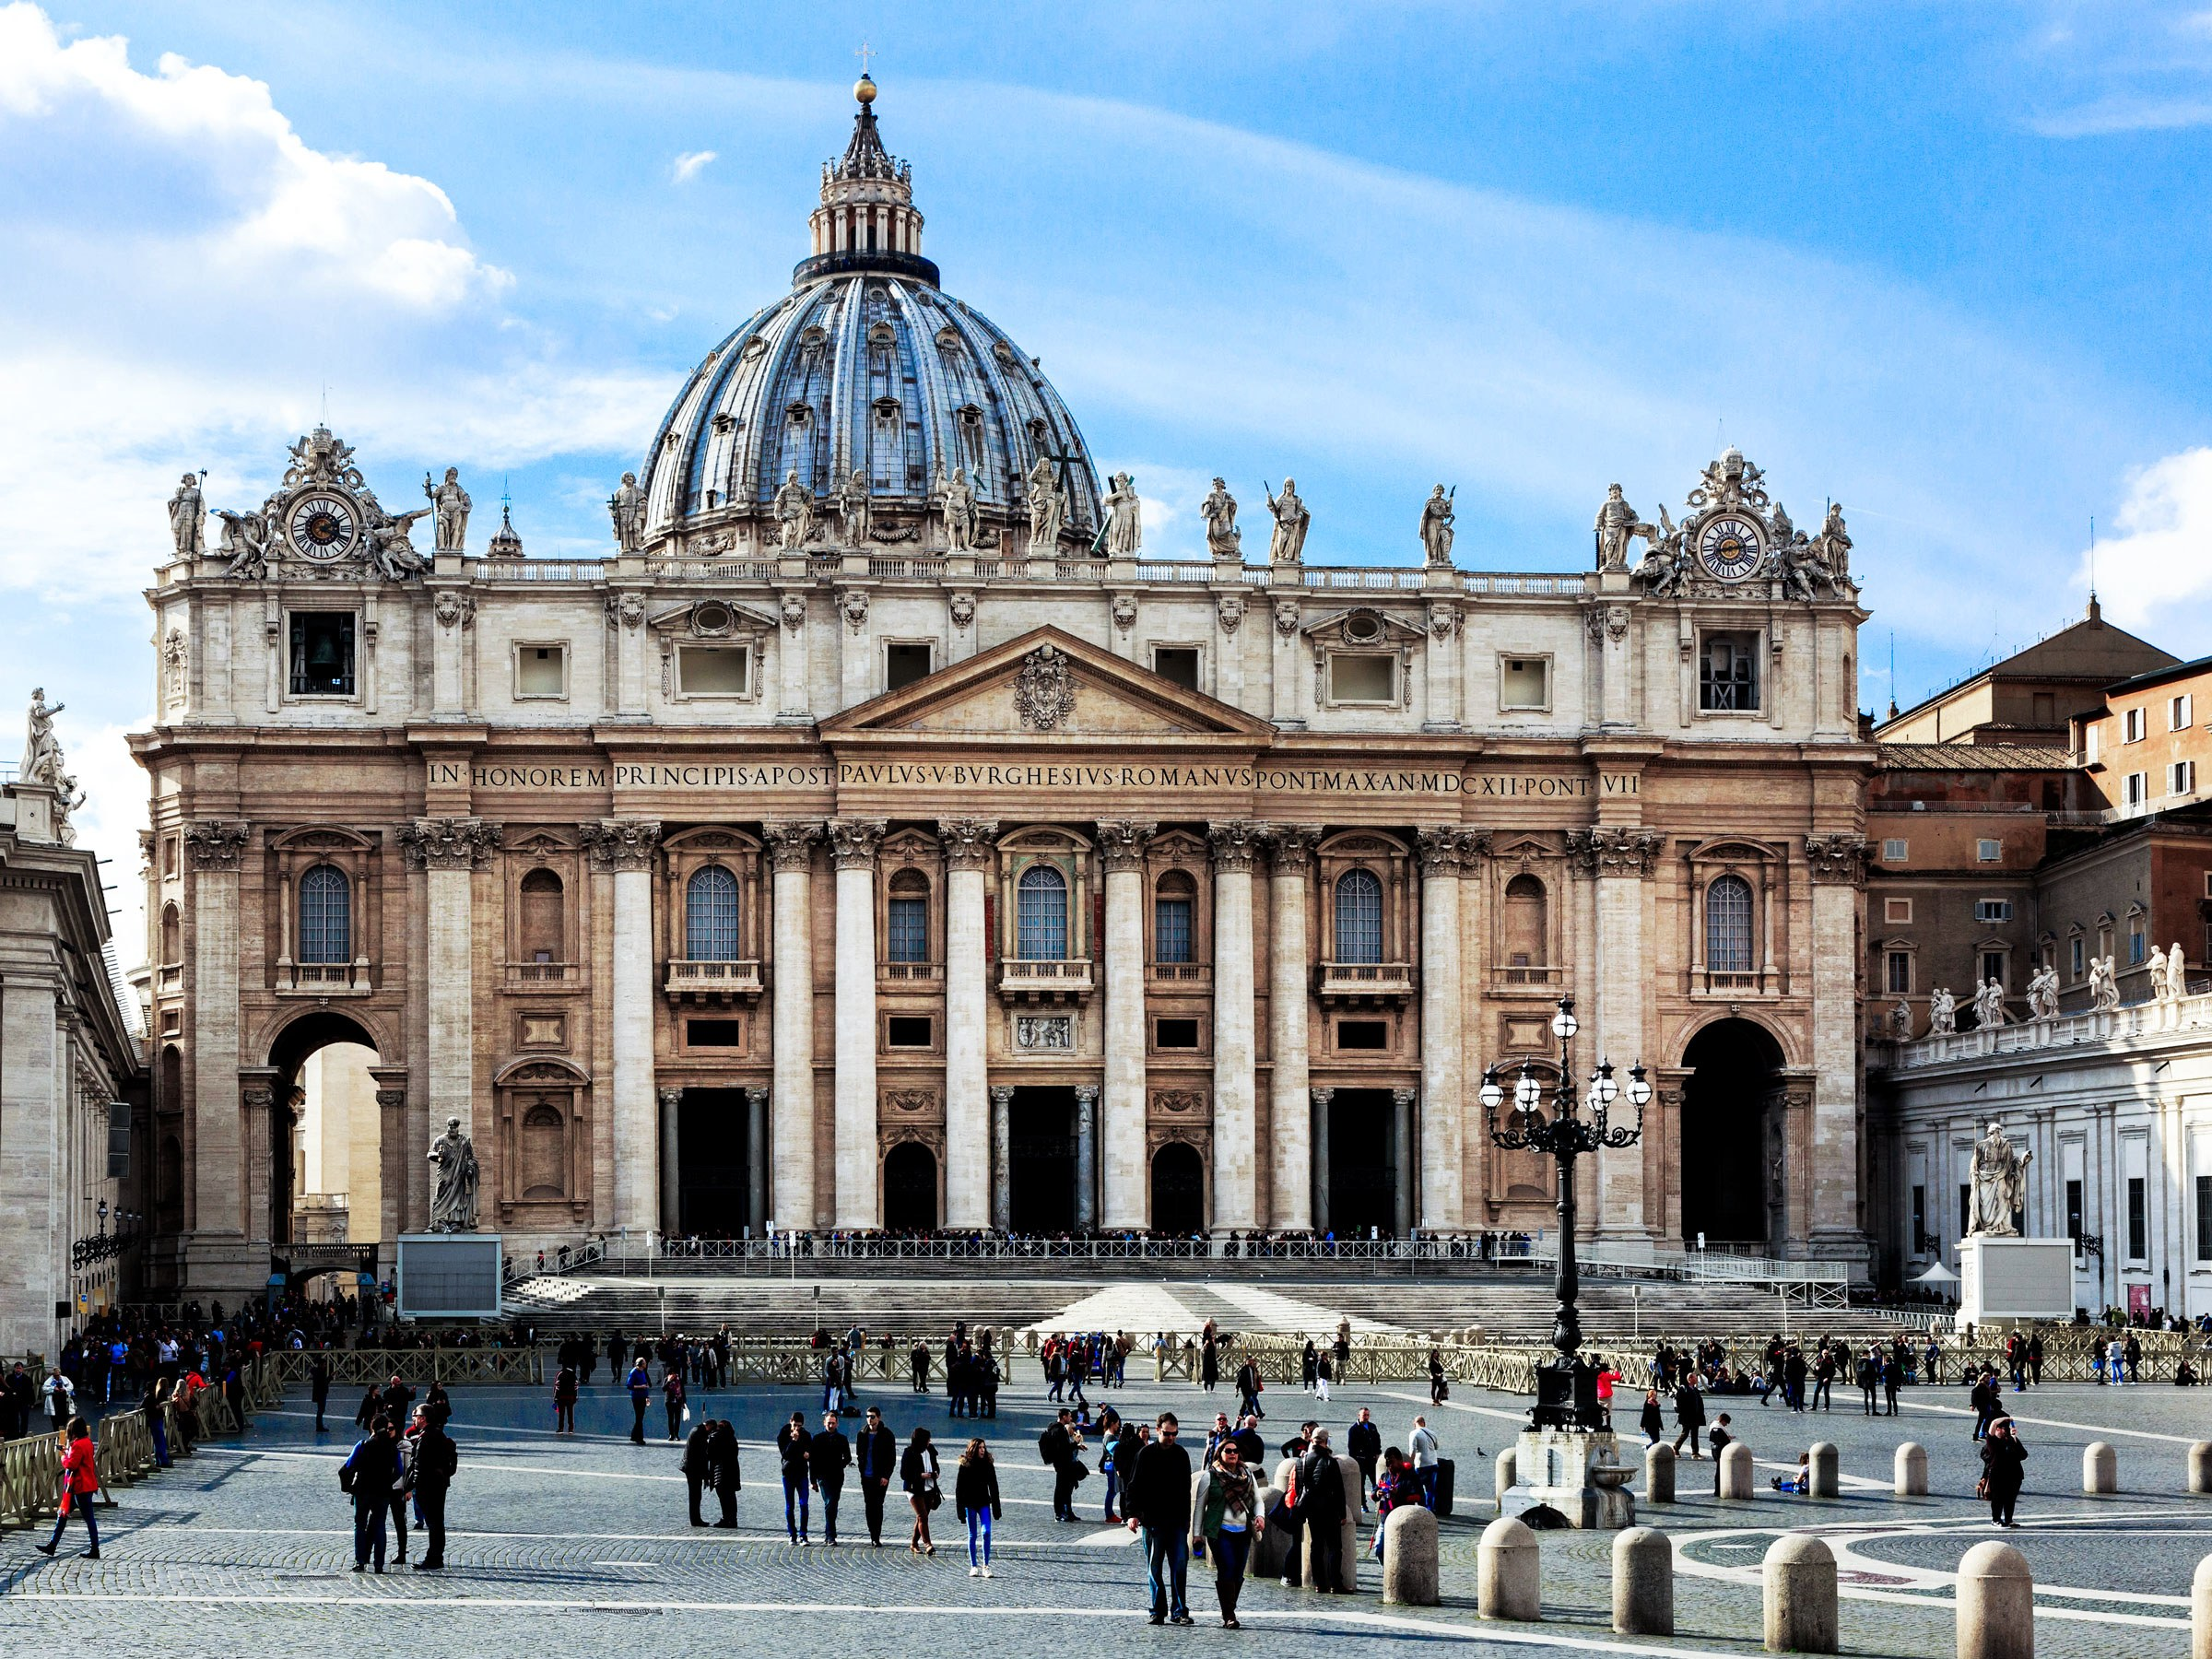 VaticanHackathon-HR9MMG-web